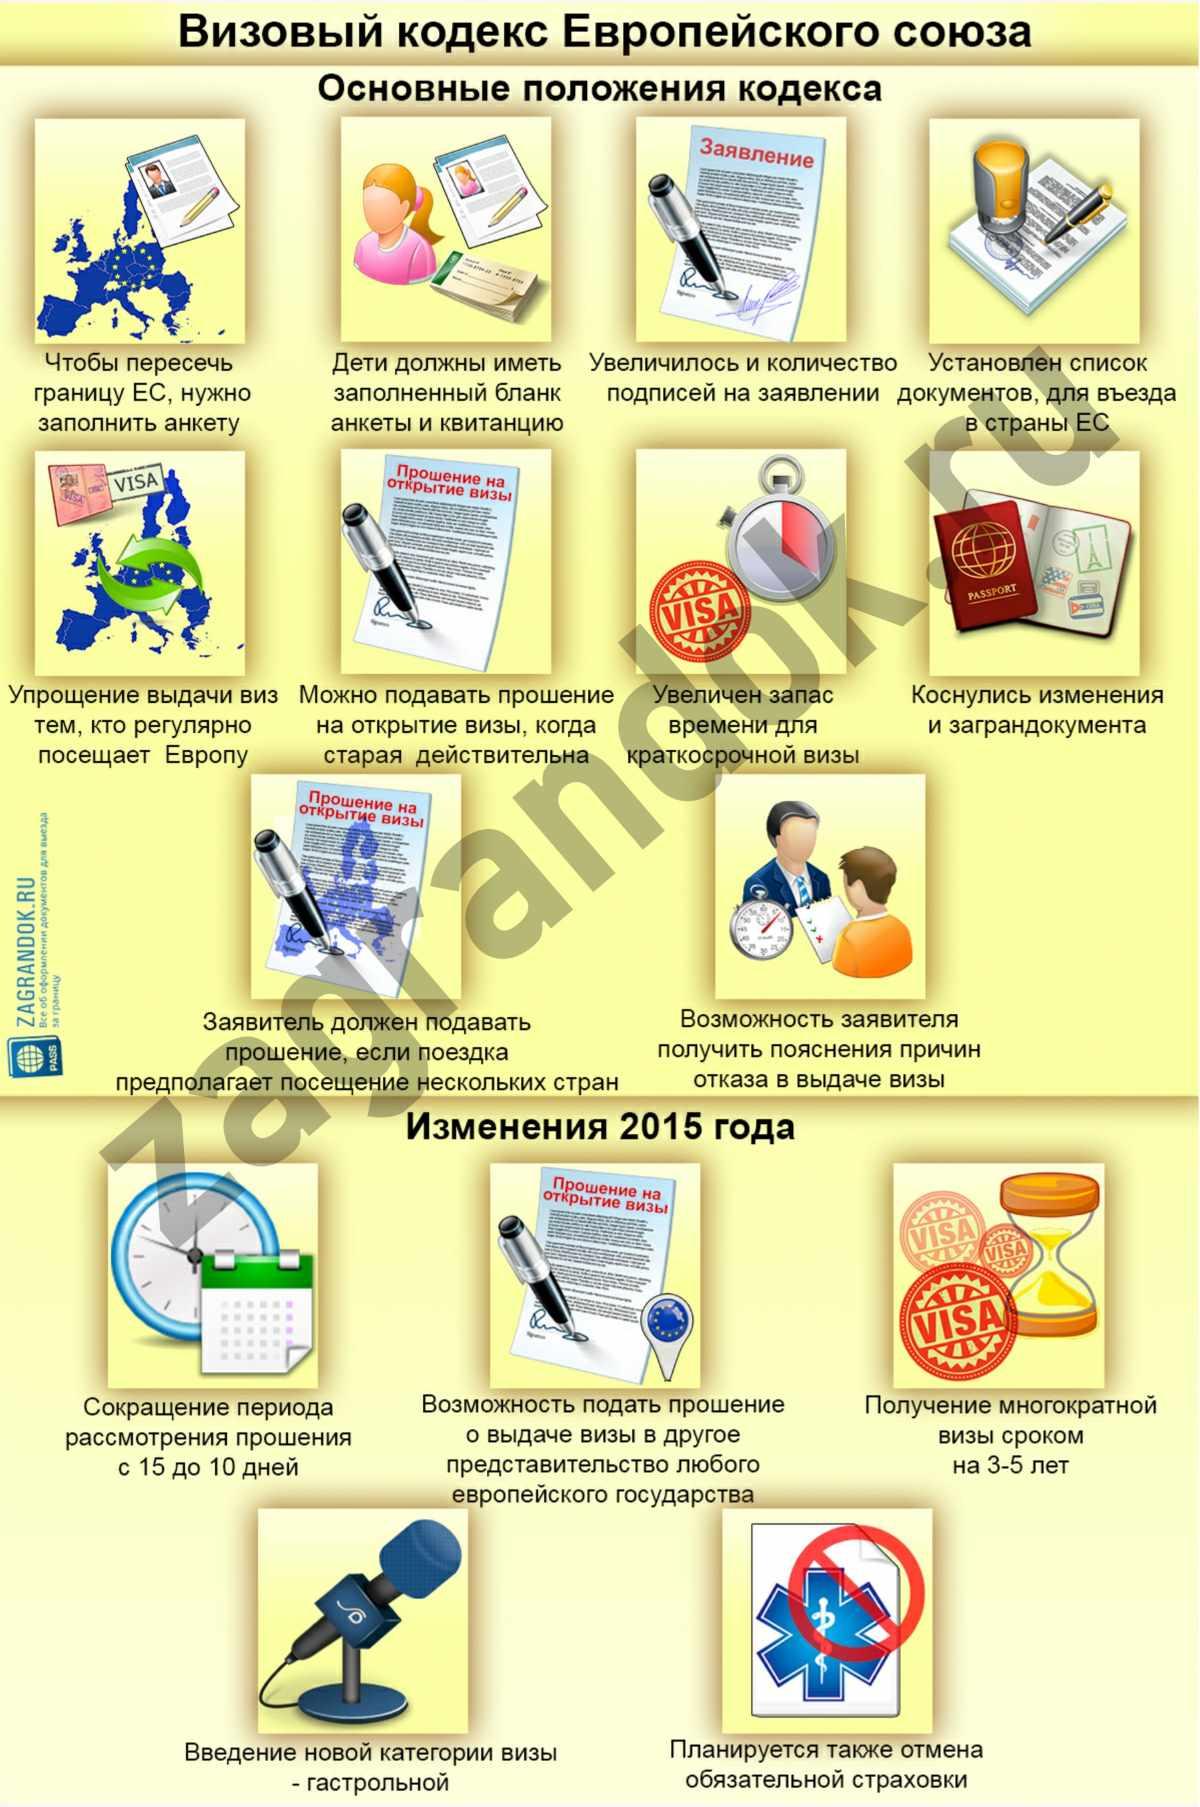 Визовый кодекс Европейского союза